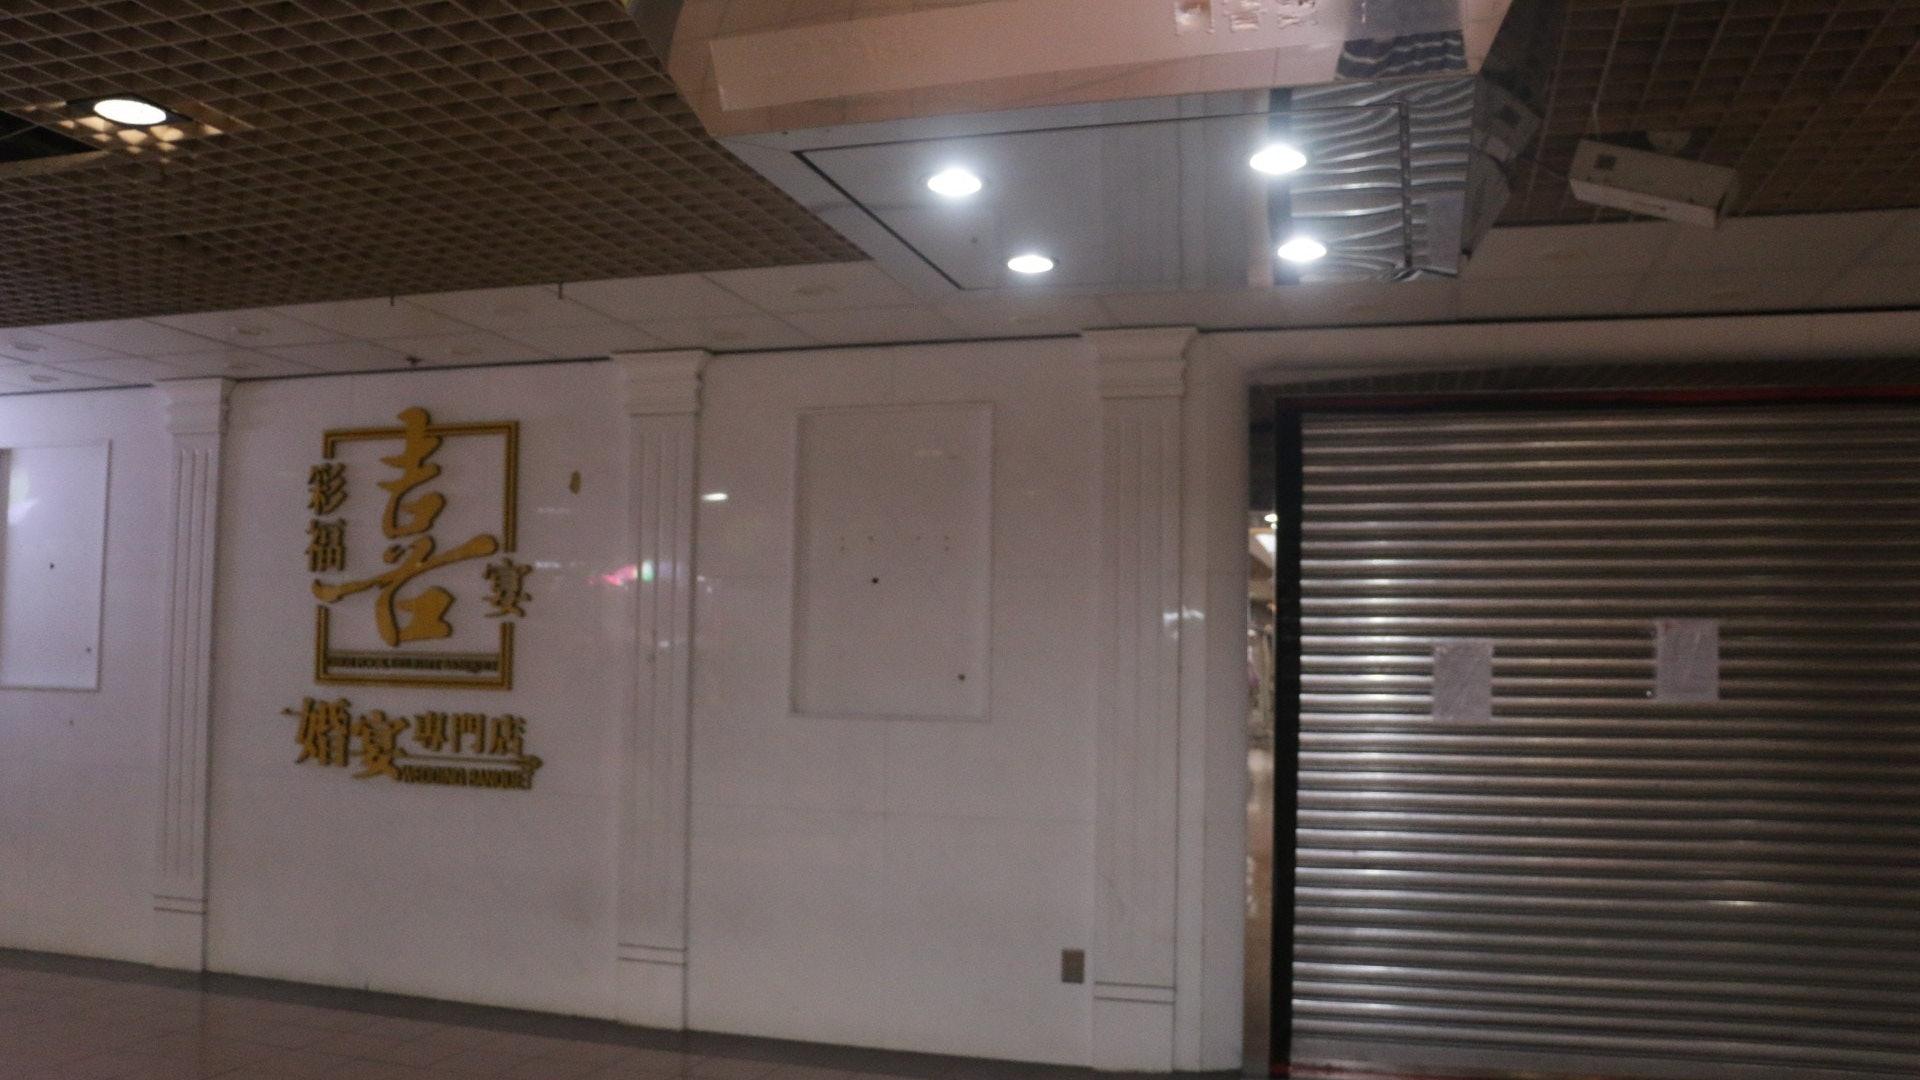 位於大埔寶湖商場內的彩福婚宴已停業2個月,因傳出陣陣惡臭而被揭發廚房有發霉食材仍未處理。(資料圖片/黃文軒攝)